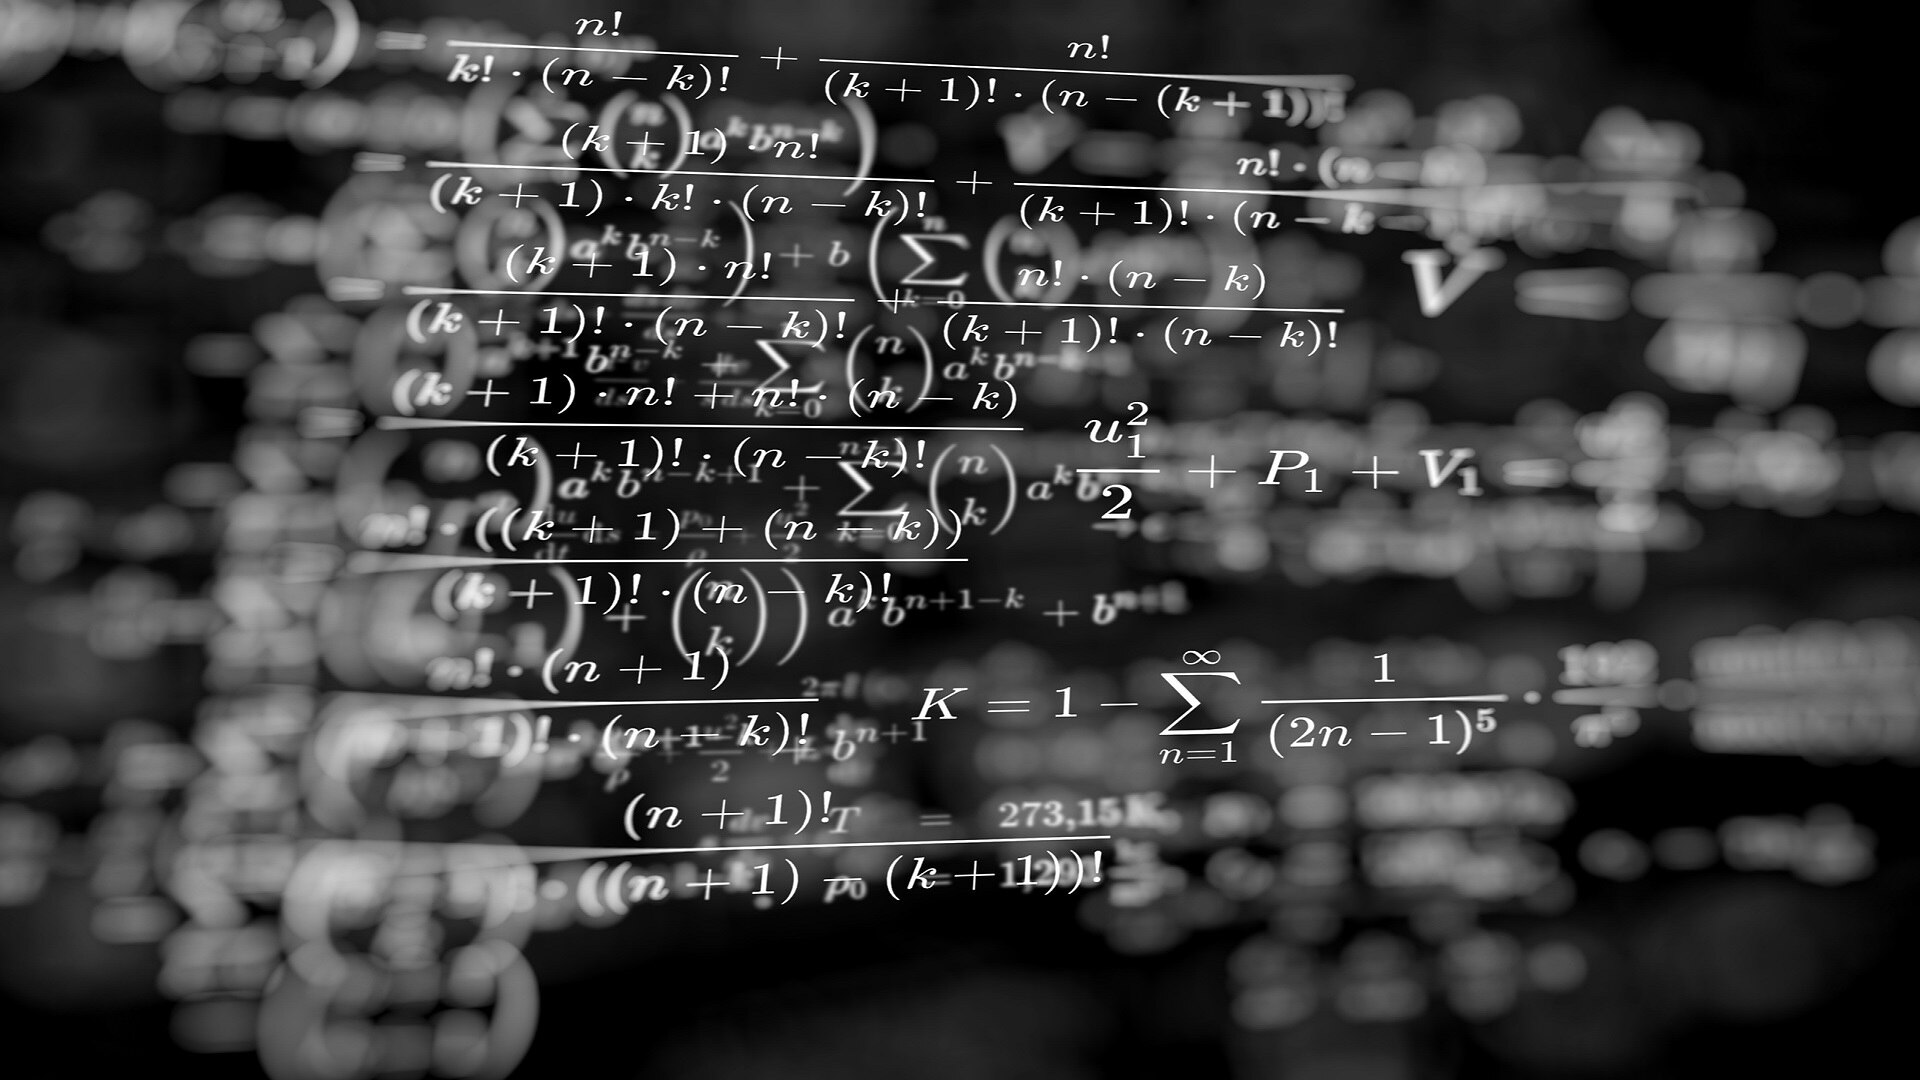 Rai Scuola Progetto Scienza Files: Il misterioso mondo della matematica - Mondo reale e mondo quantistico Replica